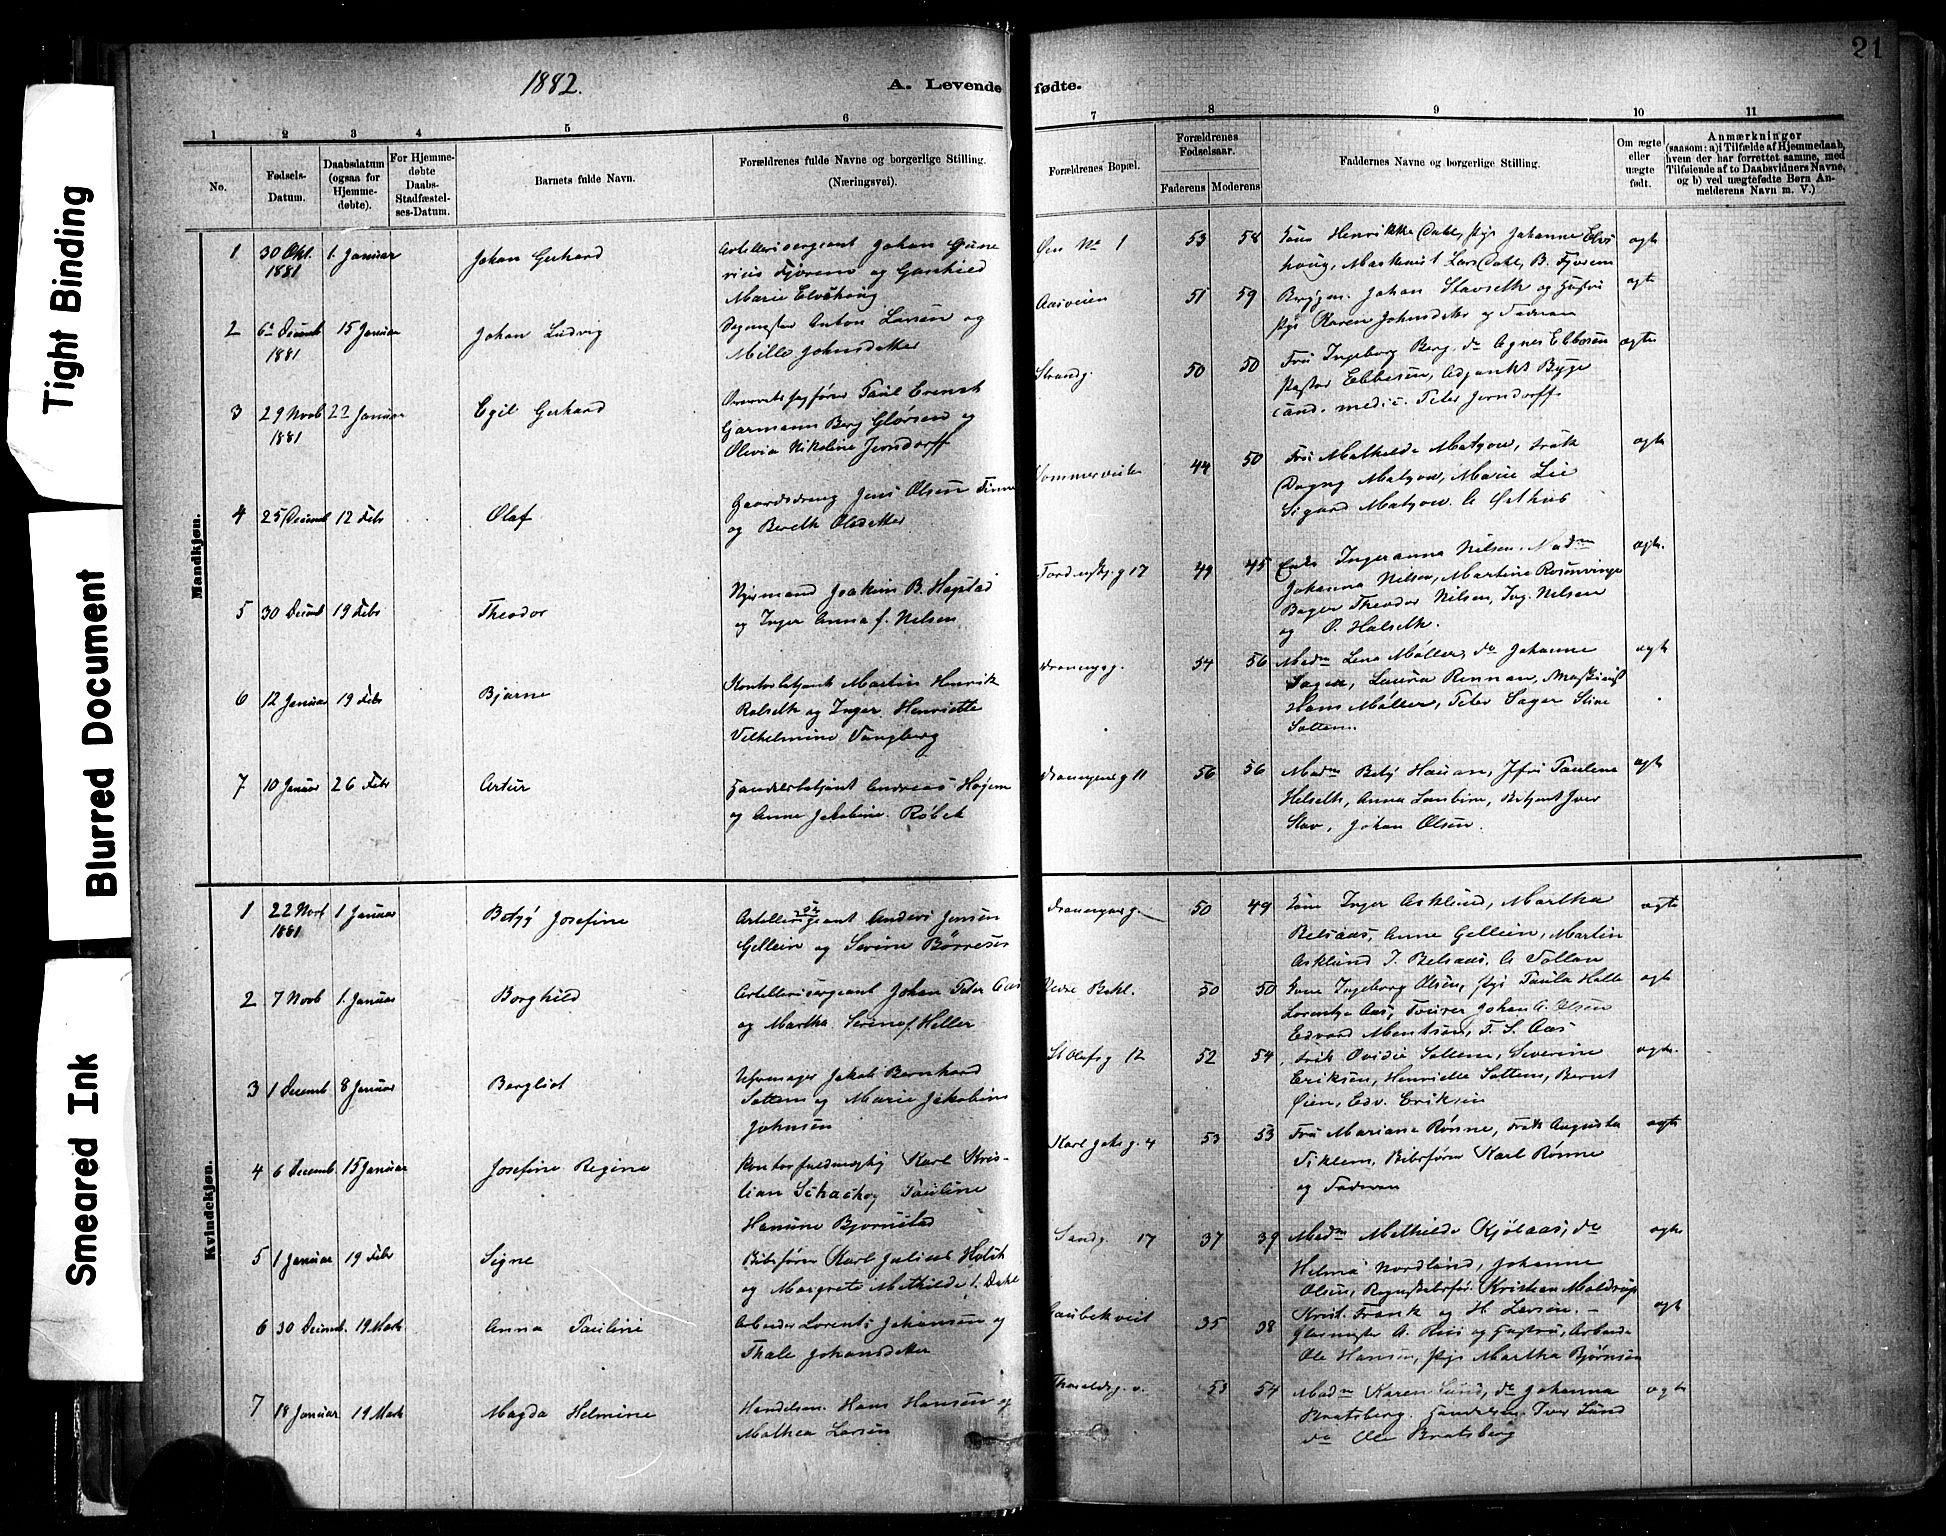 SAT, Ministerialprotokoller, klokkerbøker og fødselsregistre - Sør-Trøndelag, 602/L0119: Ministerialbok nr. 602A17, 1880-1901, s. 21